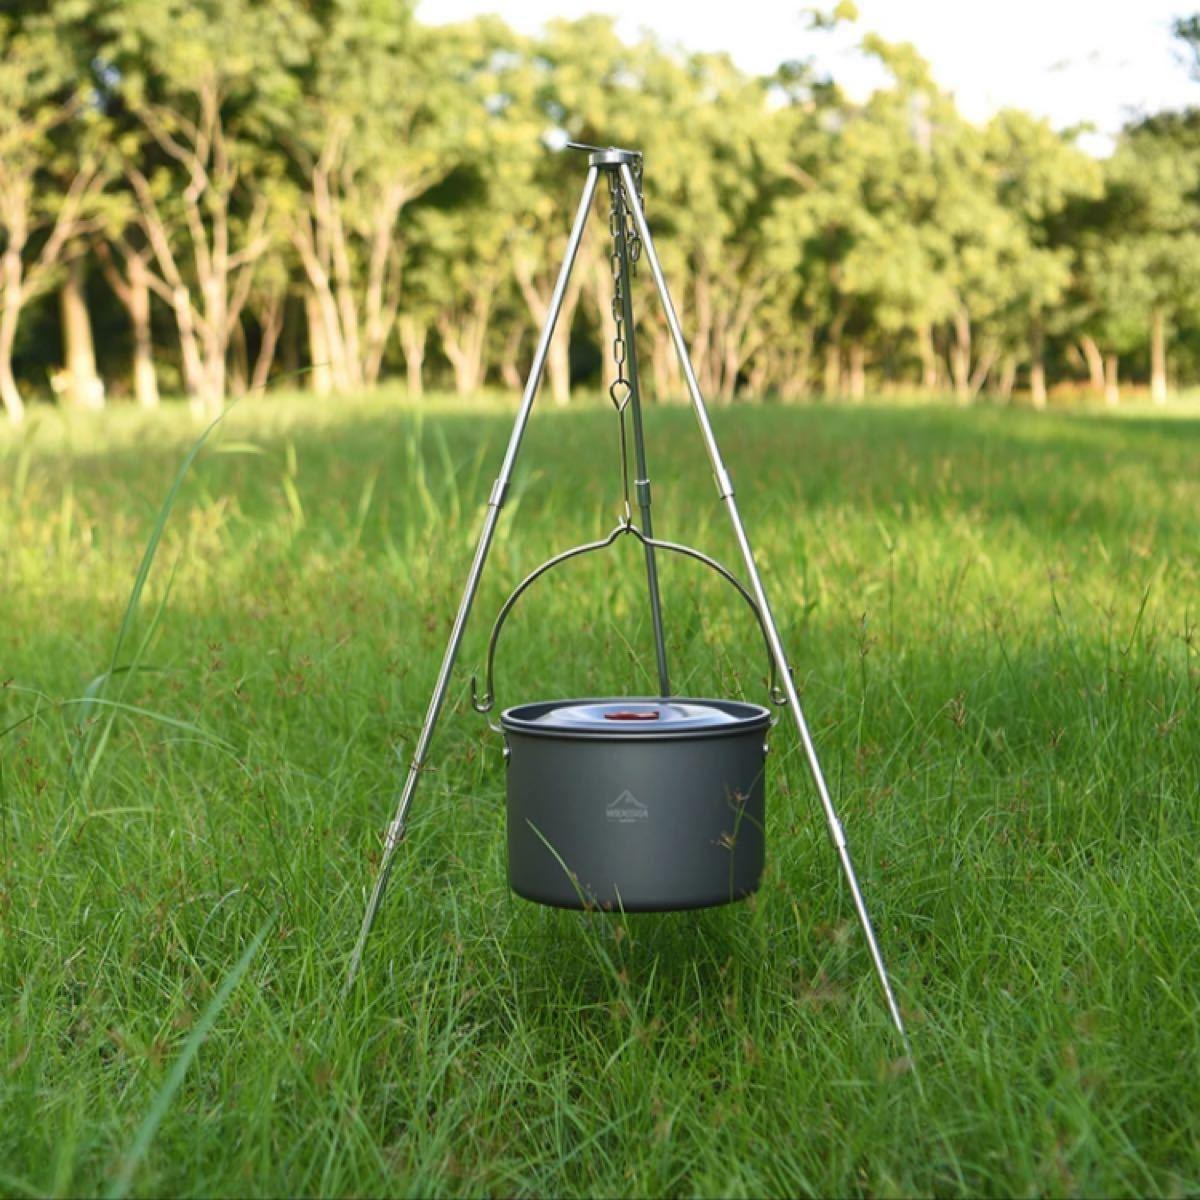 トライポッド WIDESEA キャンプ用品 焚き火 ダッチオーブン  新品未使用